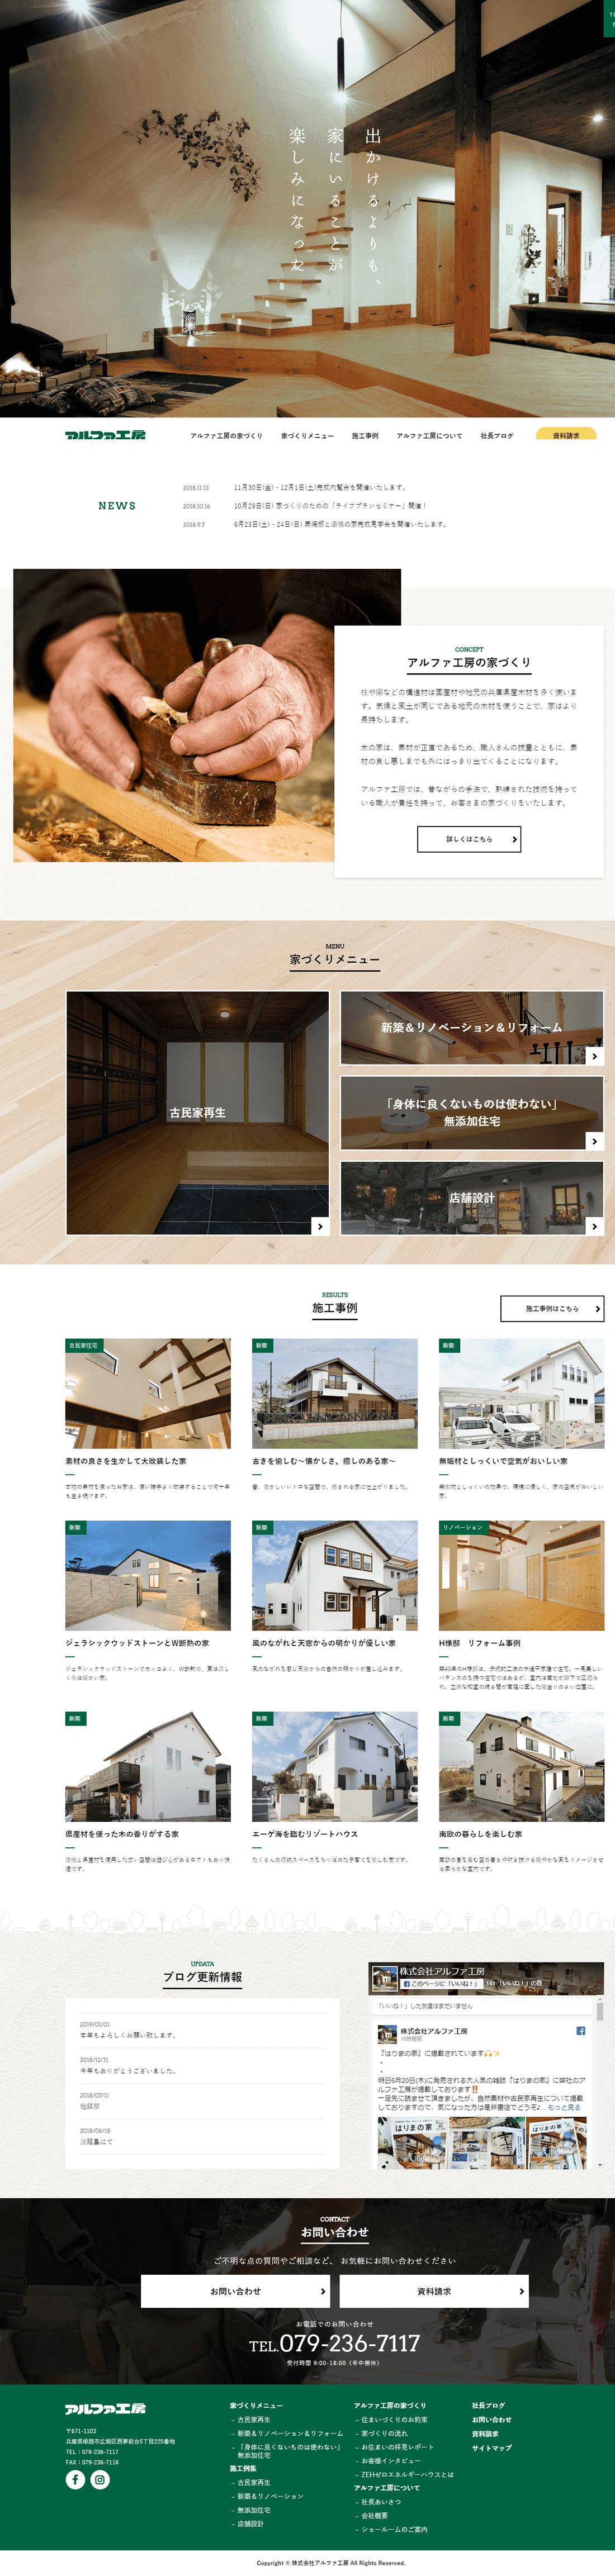 姫路市 株式会社アルファ工房 ホームページ制作1